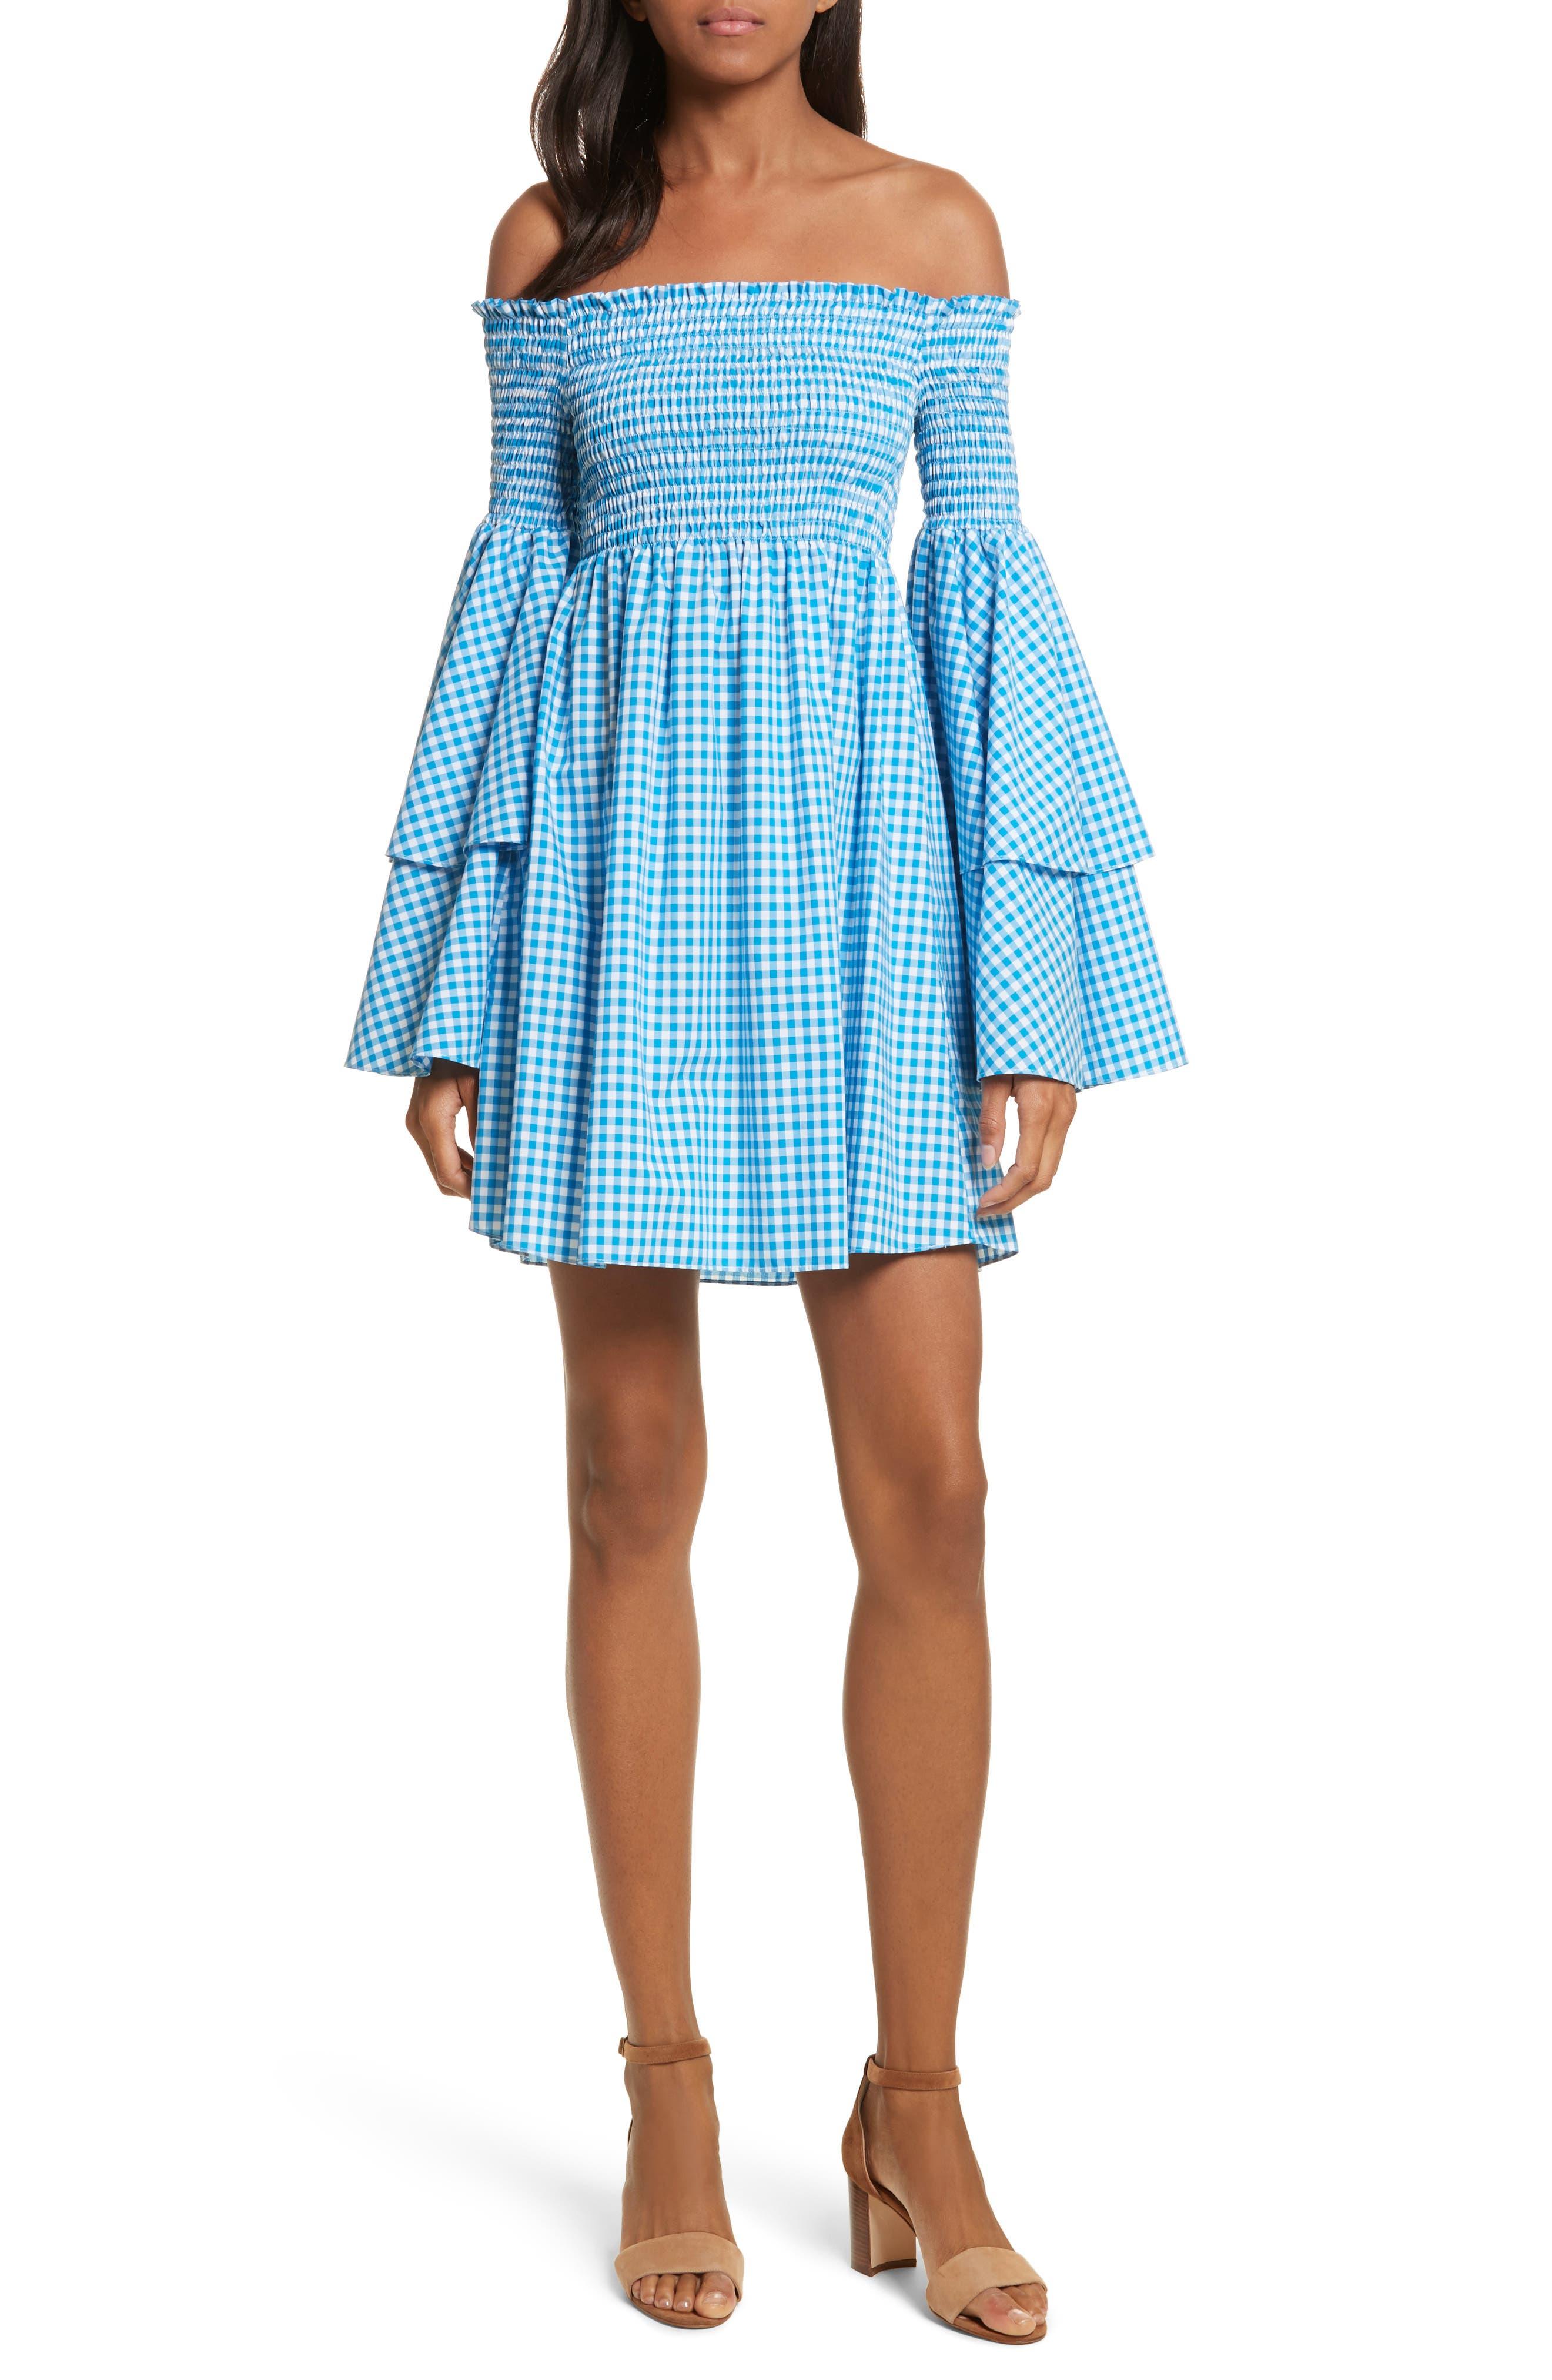 Main Image - Caroline Constas Appolonia Gingham Off the Shoulder Dress